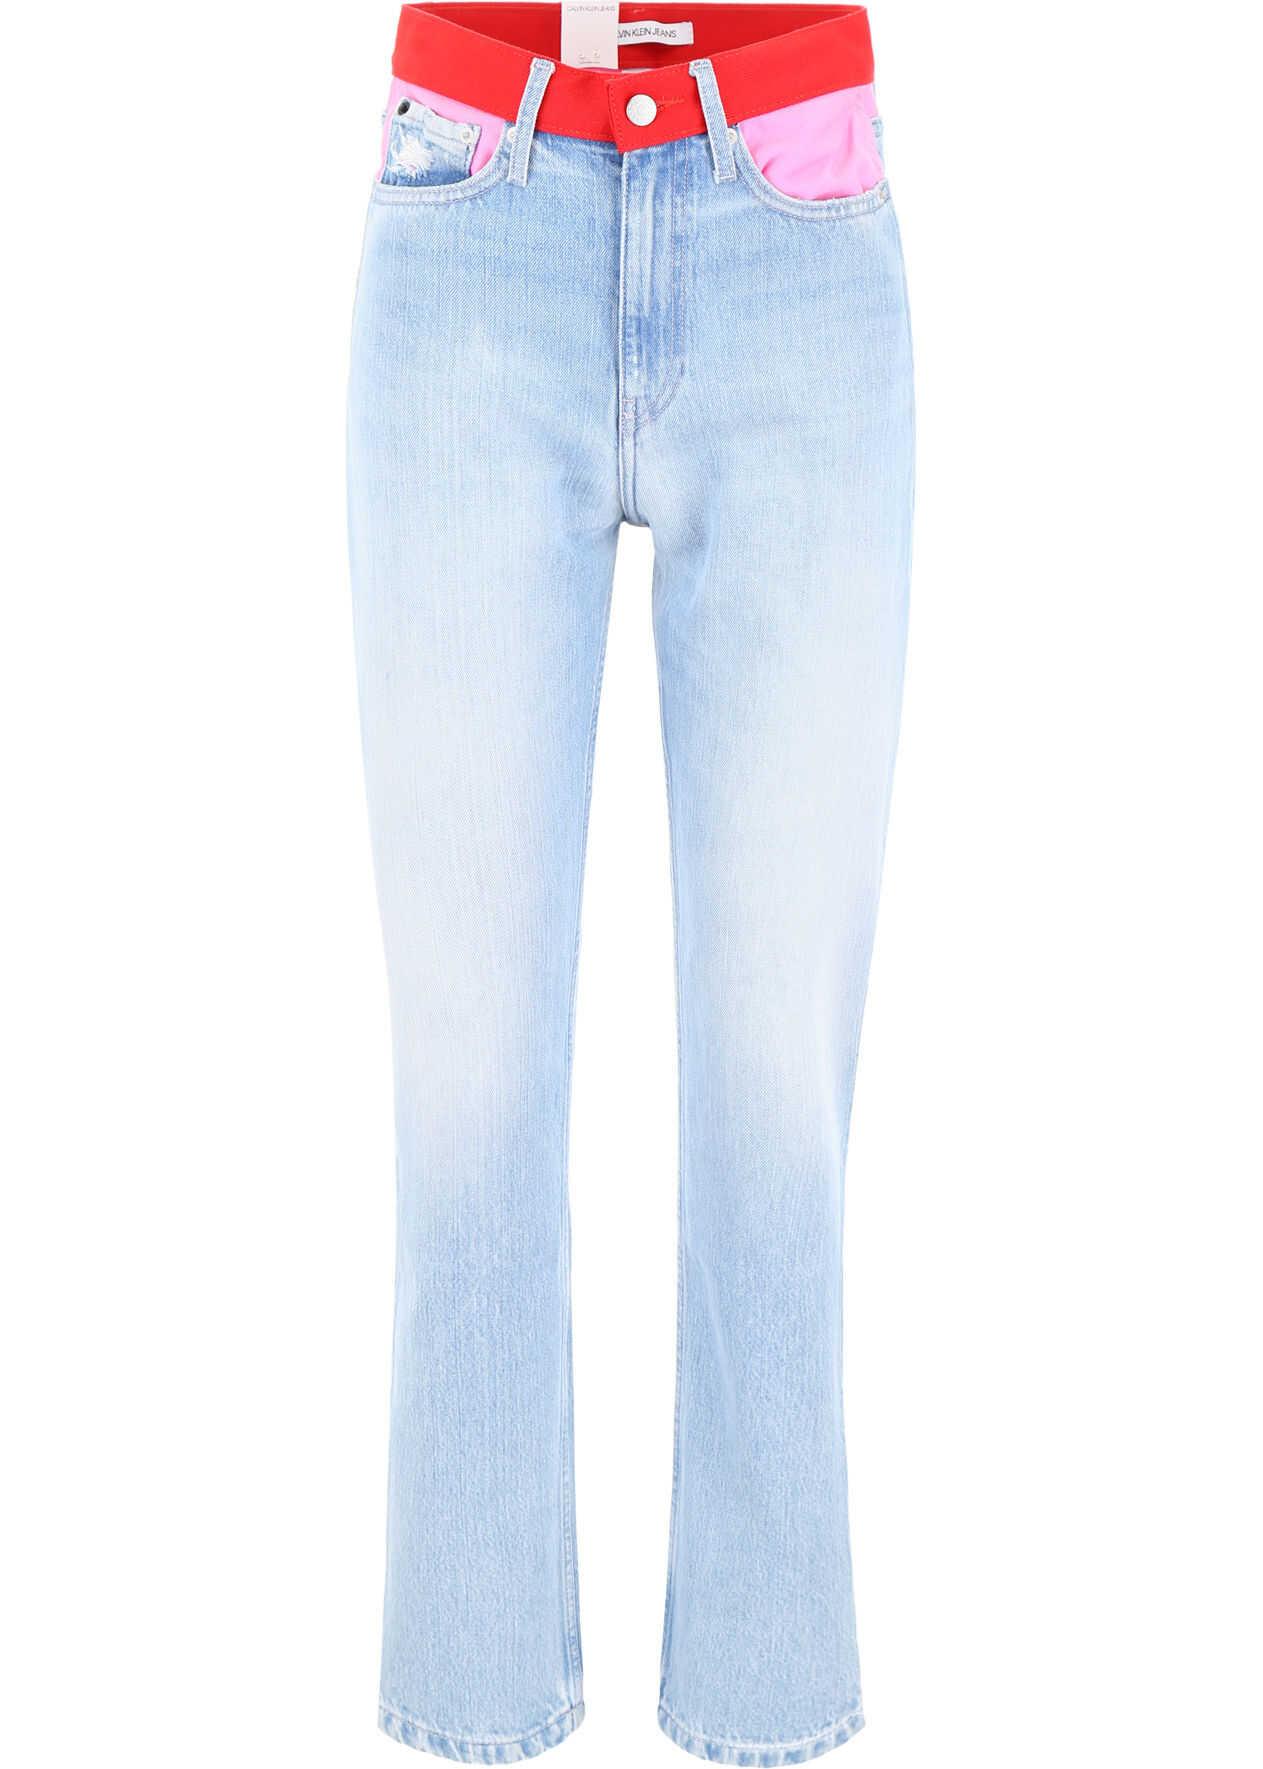 Ckj 030 Jeans thumbnail